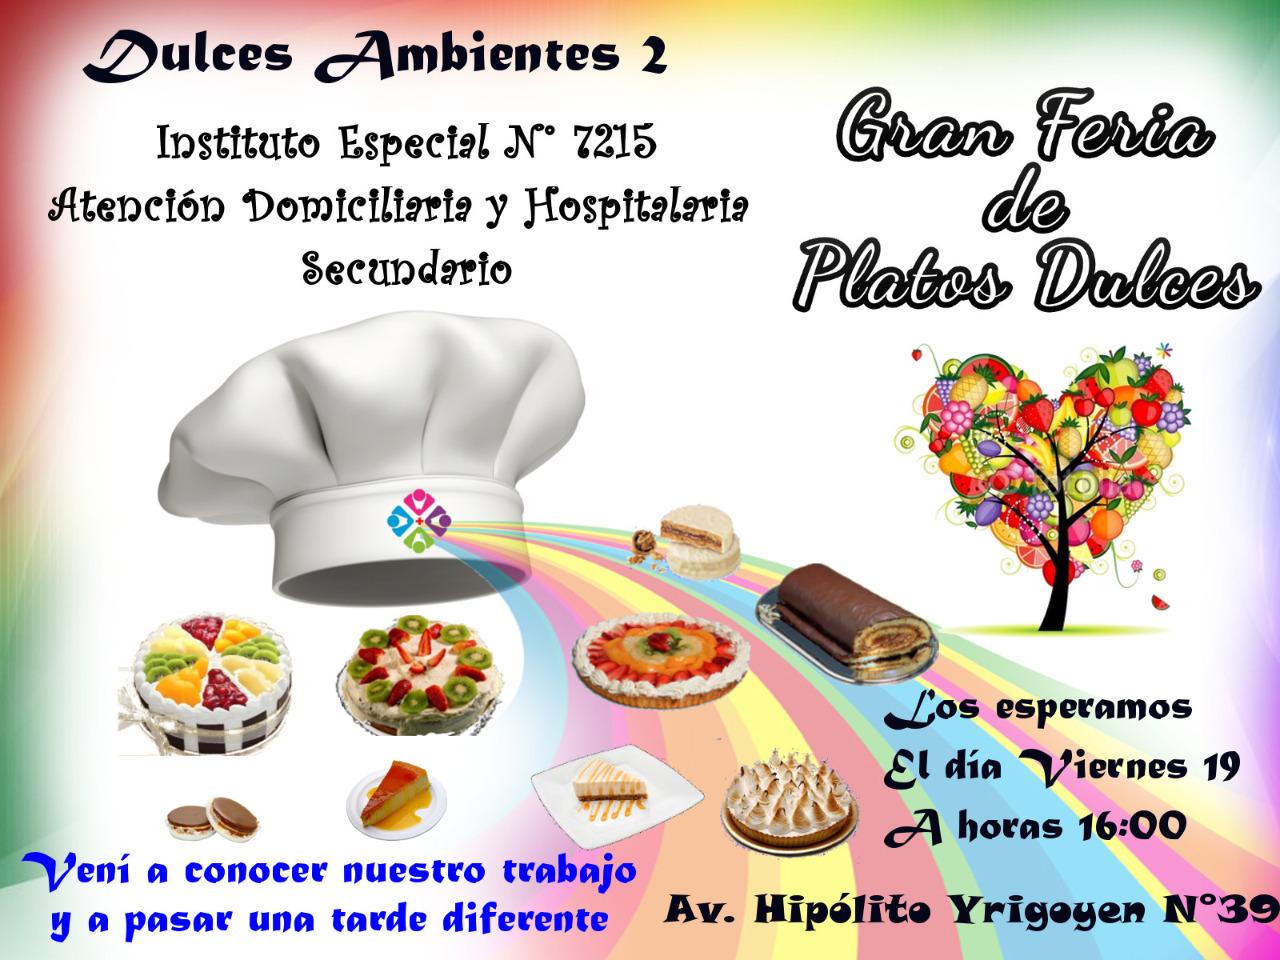 Gran Feria de Platos Dulces organizada por la Escuela Domiciliaria y Hospitalaria de Salta